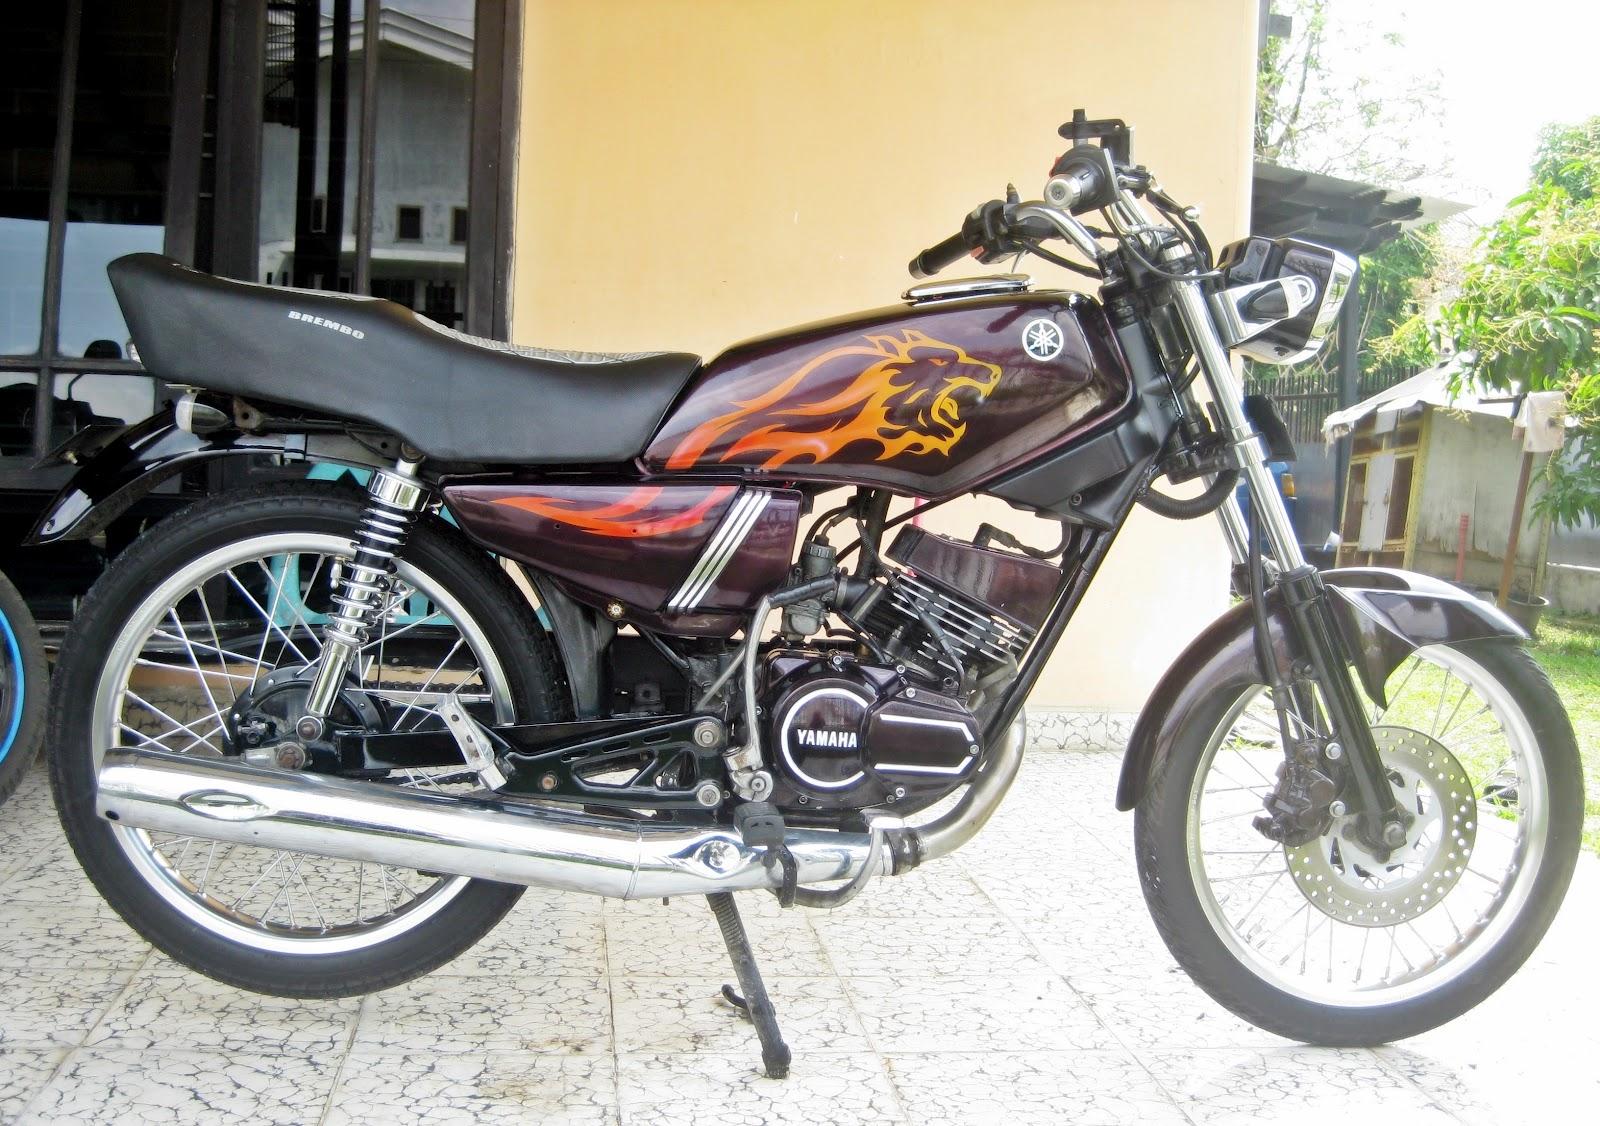 http://3.bp.blogspot.com/-MQ3V_wymF9Q/T_Tk57cweZI/AAAAAAAAAHA/WM4xJai74dc/s1600/%5BDHIFA%5D+Sepeda+Motor+RX+KING.jpg